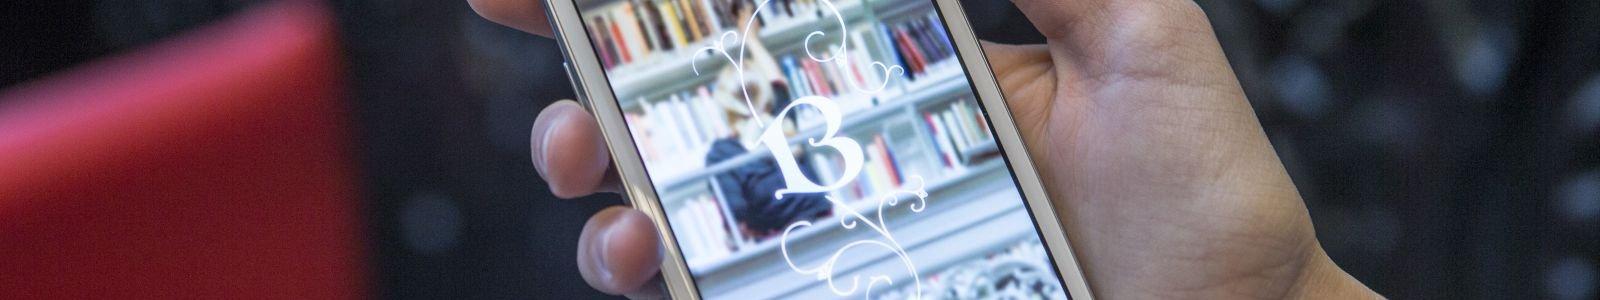 app Librarian Bertine